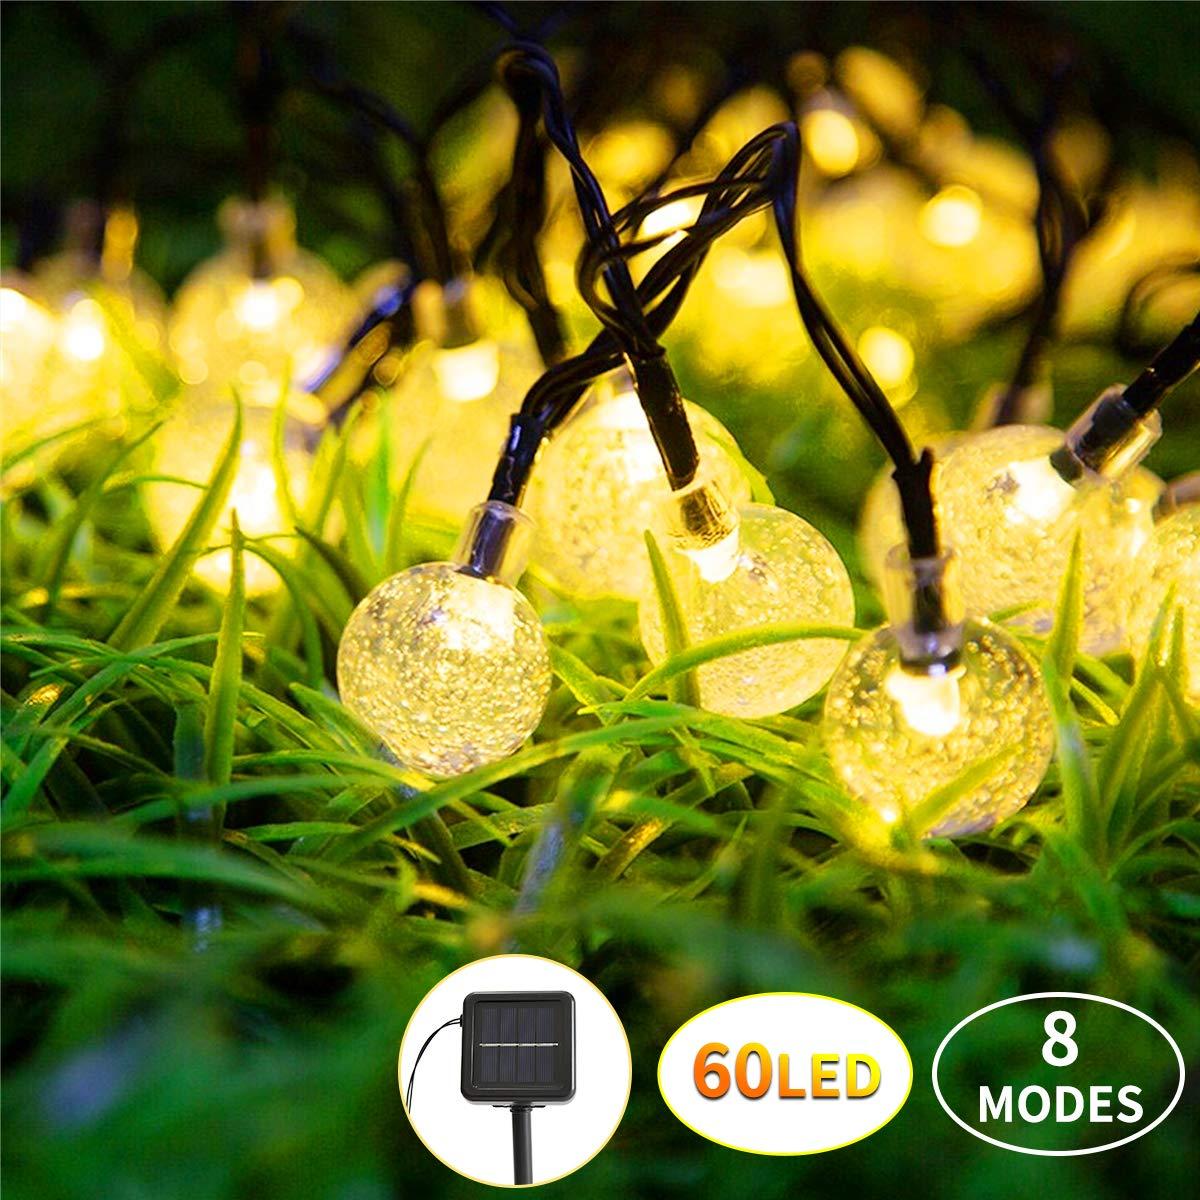 Vindany Guirnaldas Luces Exterior Solar - Guirnalda Luminosa 60 LED Cadena de Bola Cristal Luz Impermeable 8 Modos Interior y Exterior Cadena de Luces Solar para Jardín Casa Patio Jardine (60LED): Amazon.es: Iluminación